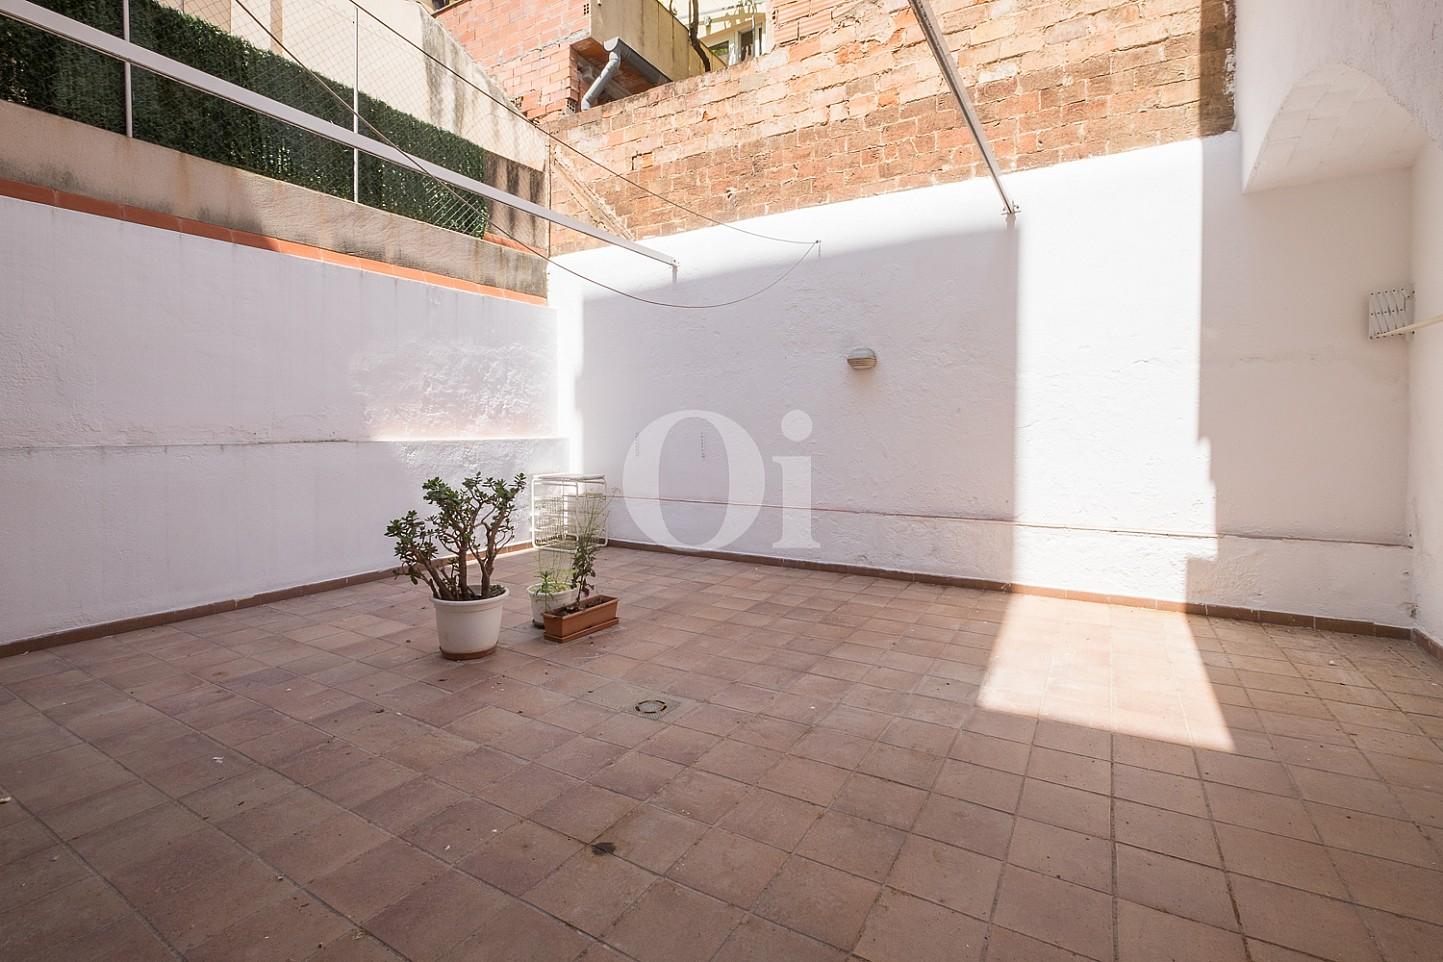 Продается квартира с террасой 35 м2 в Саграда Фамилия